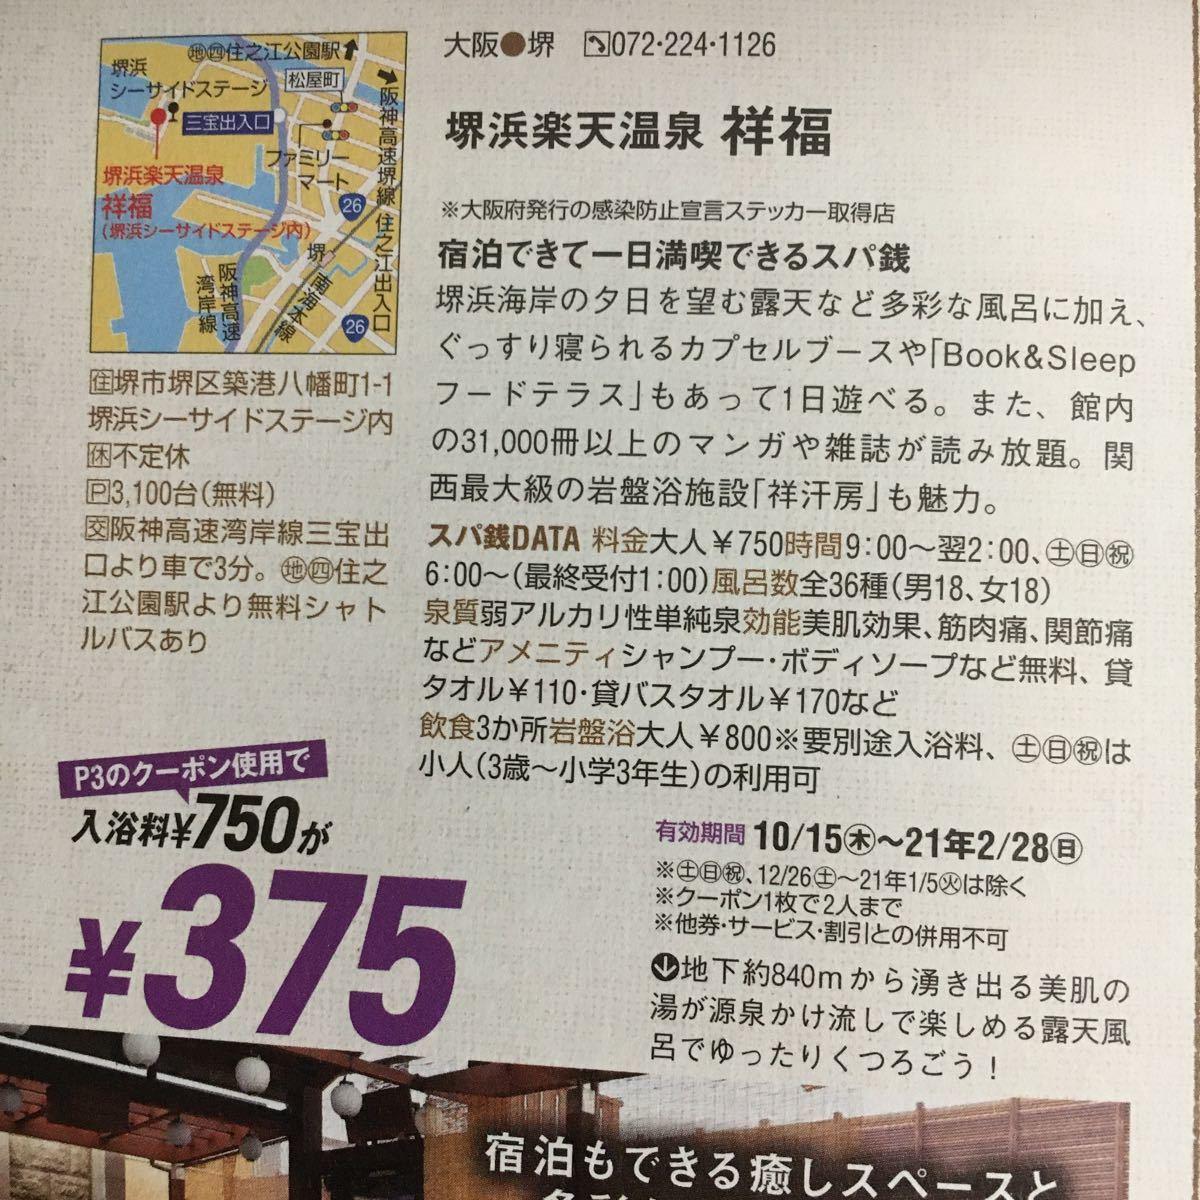 堺浜楽天温泉 祥福 クーポン券 割引券 半額券 2/28まで 除外日あり_画像3